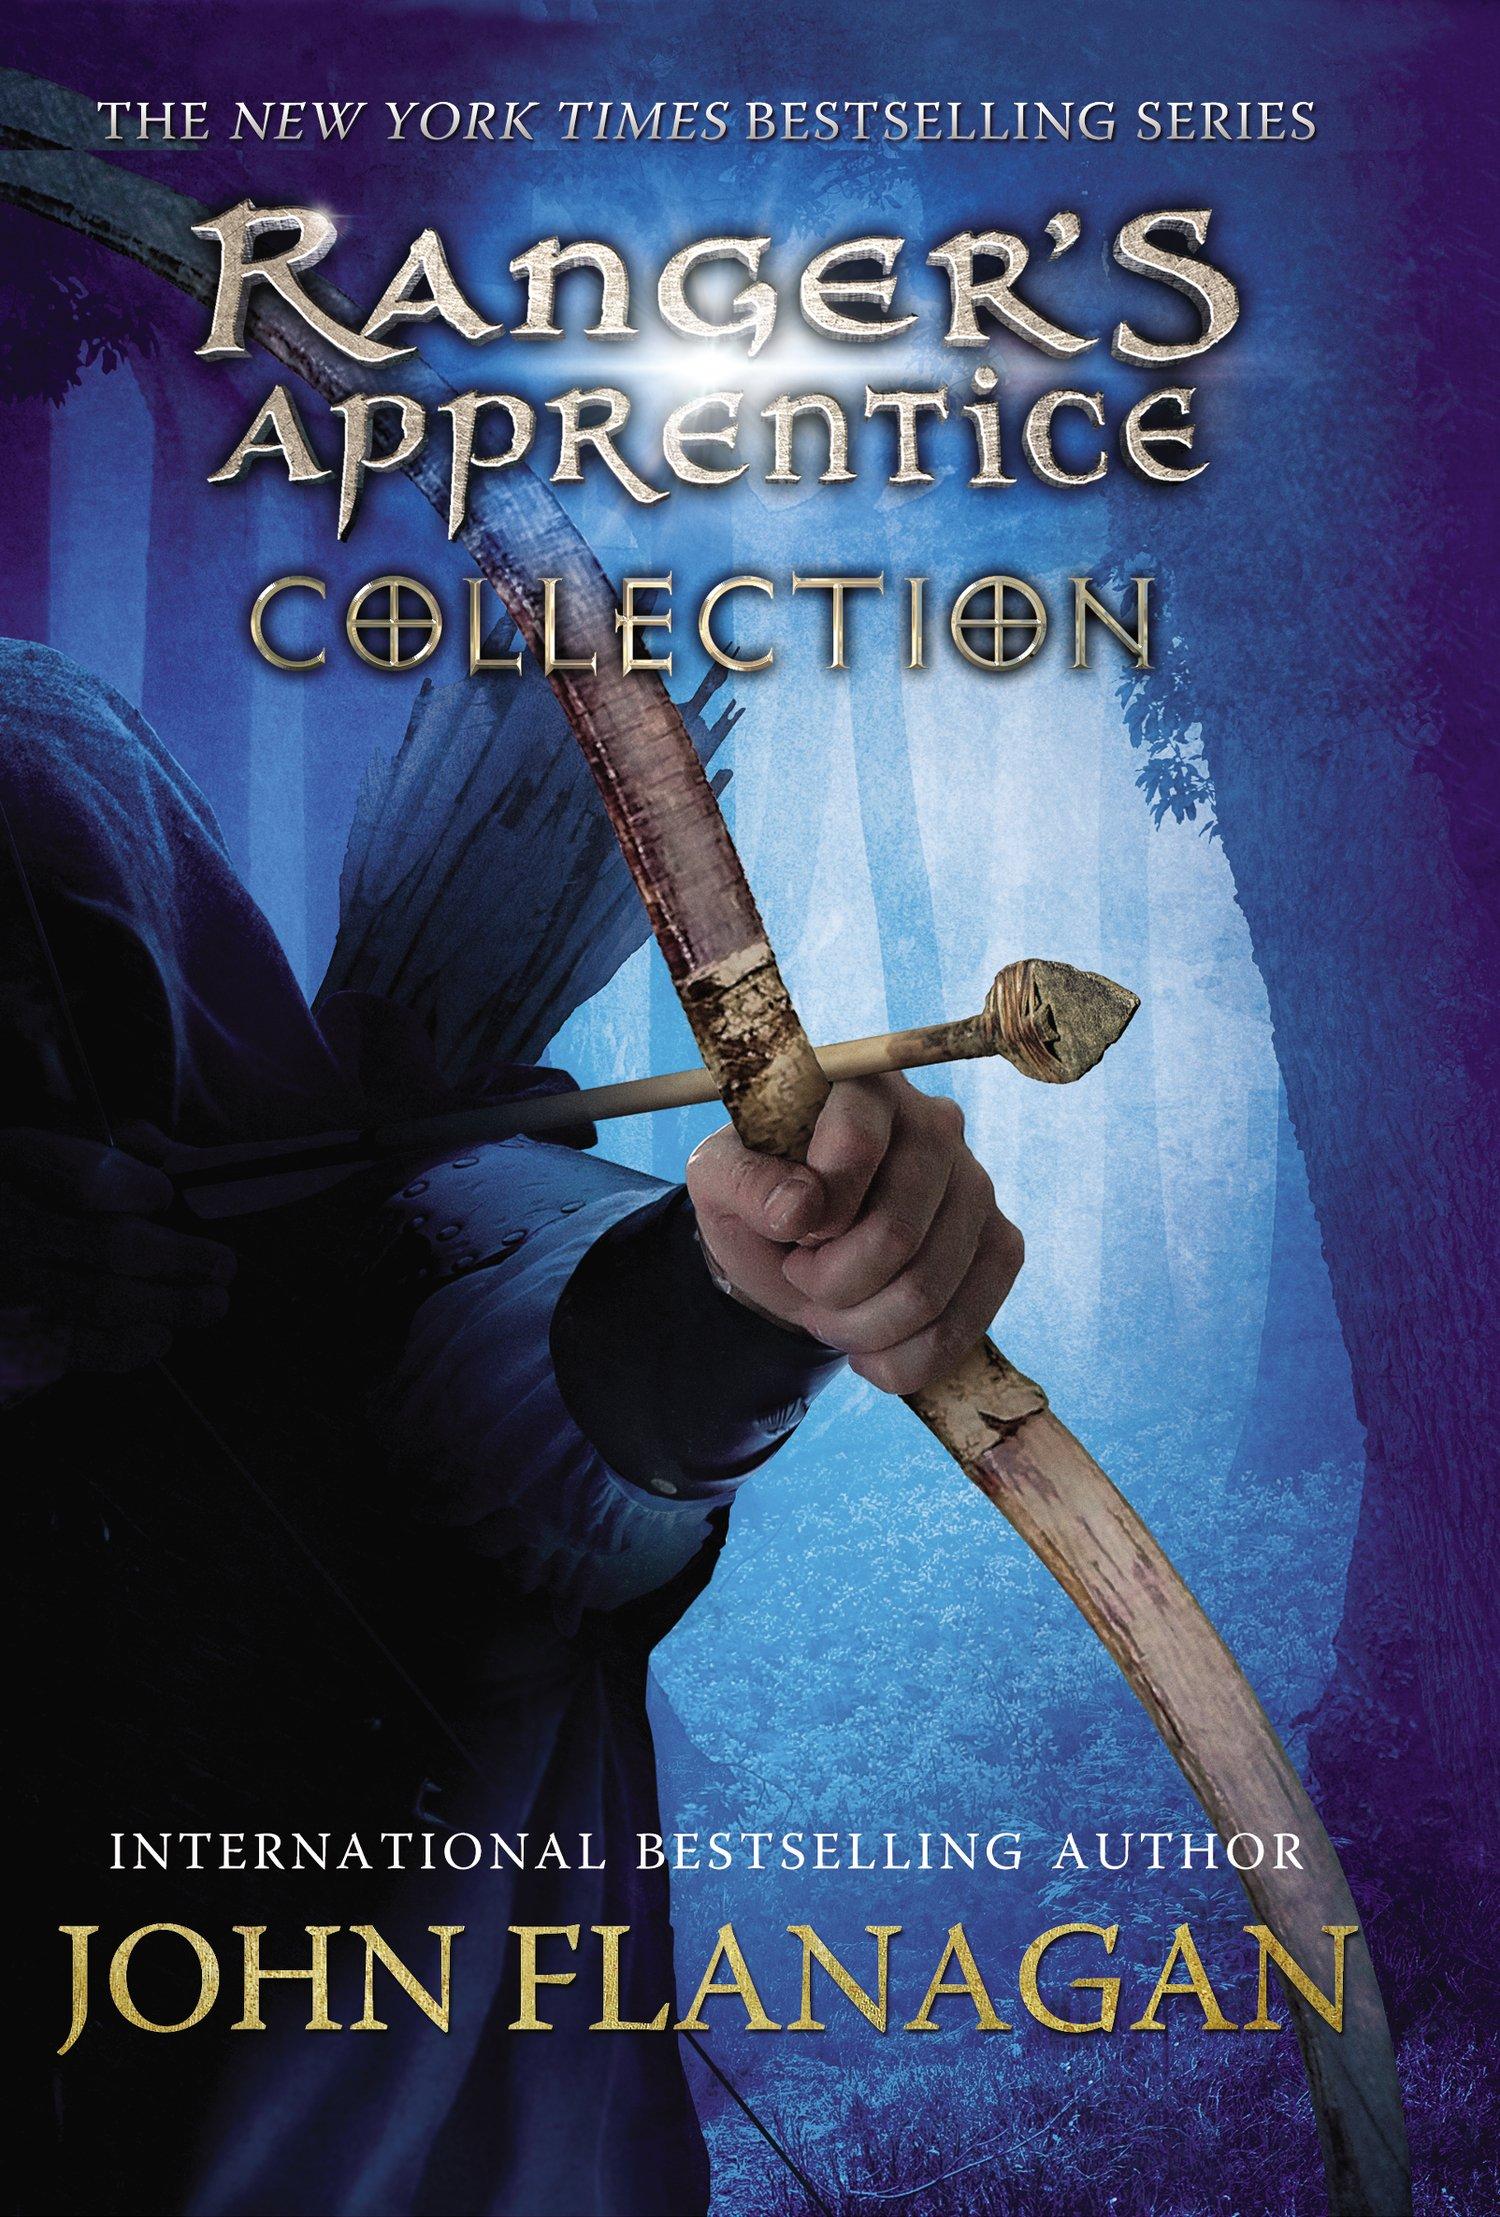 The Ranger's Apprentice Collection: Amazon: John A Flanagan:  0971487371436: Books